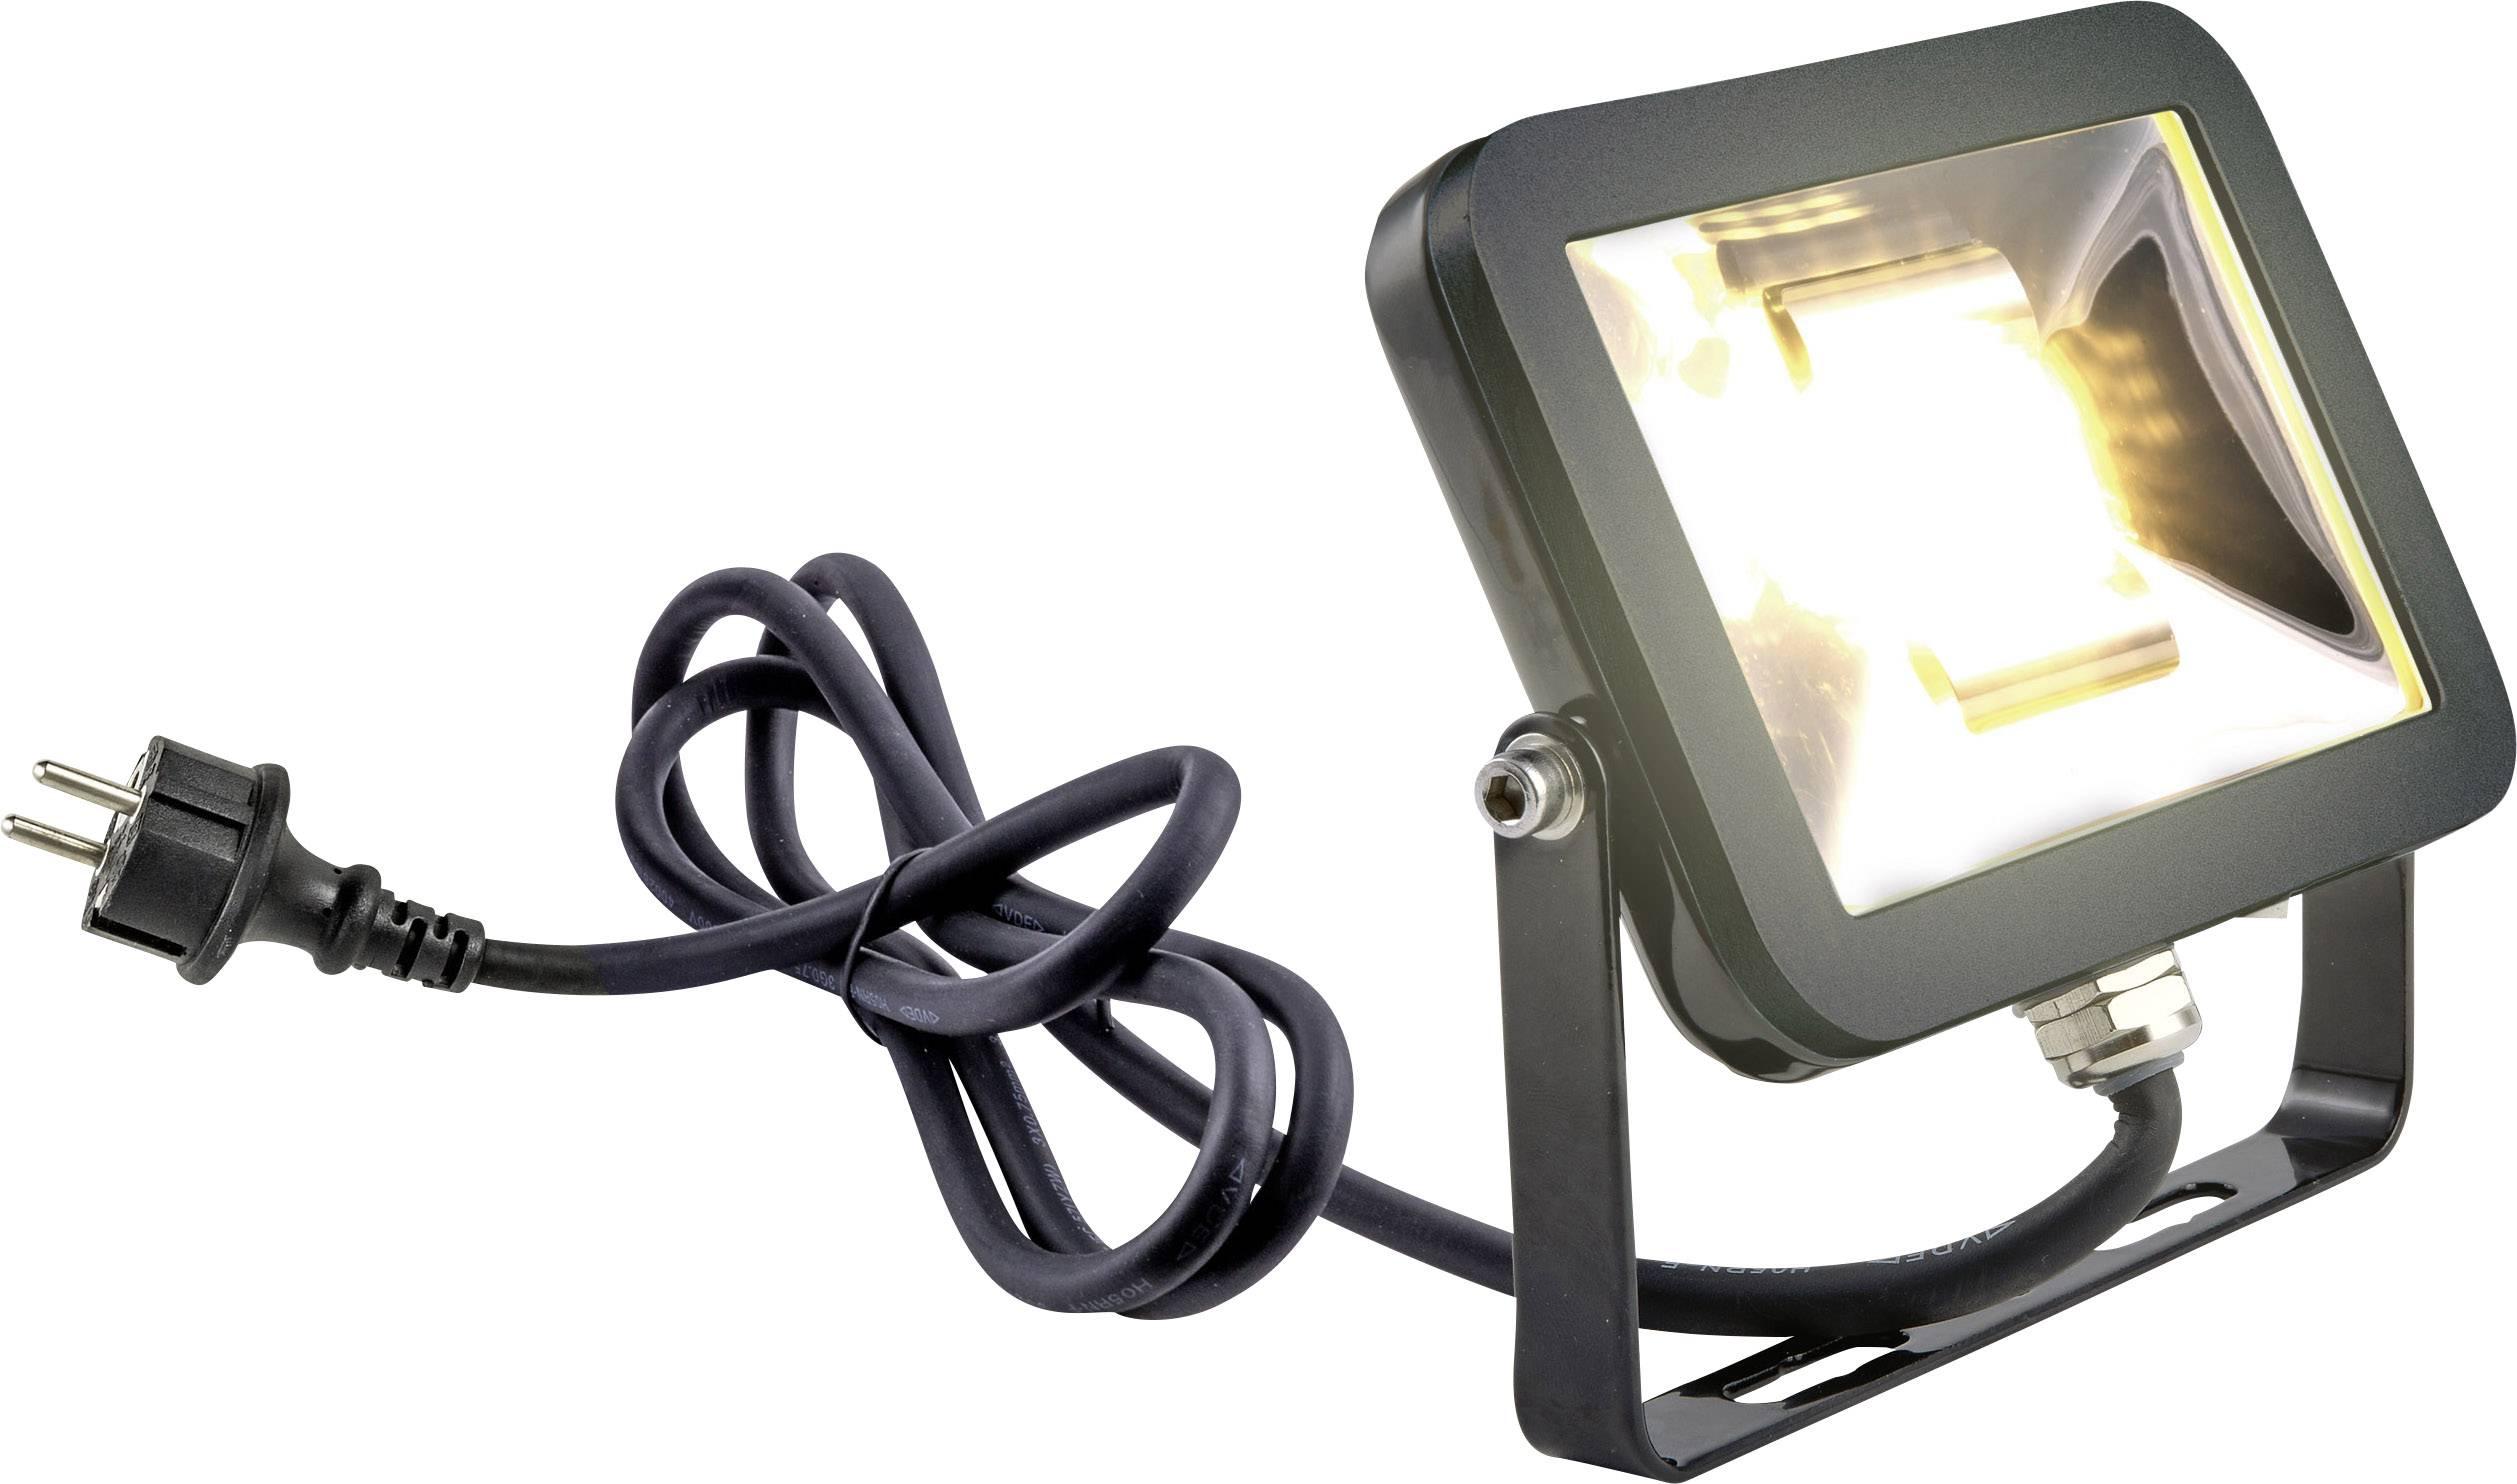 Faretto a LED per esterni 10 W Bian